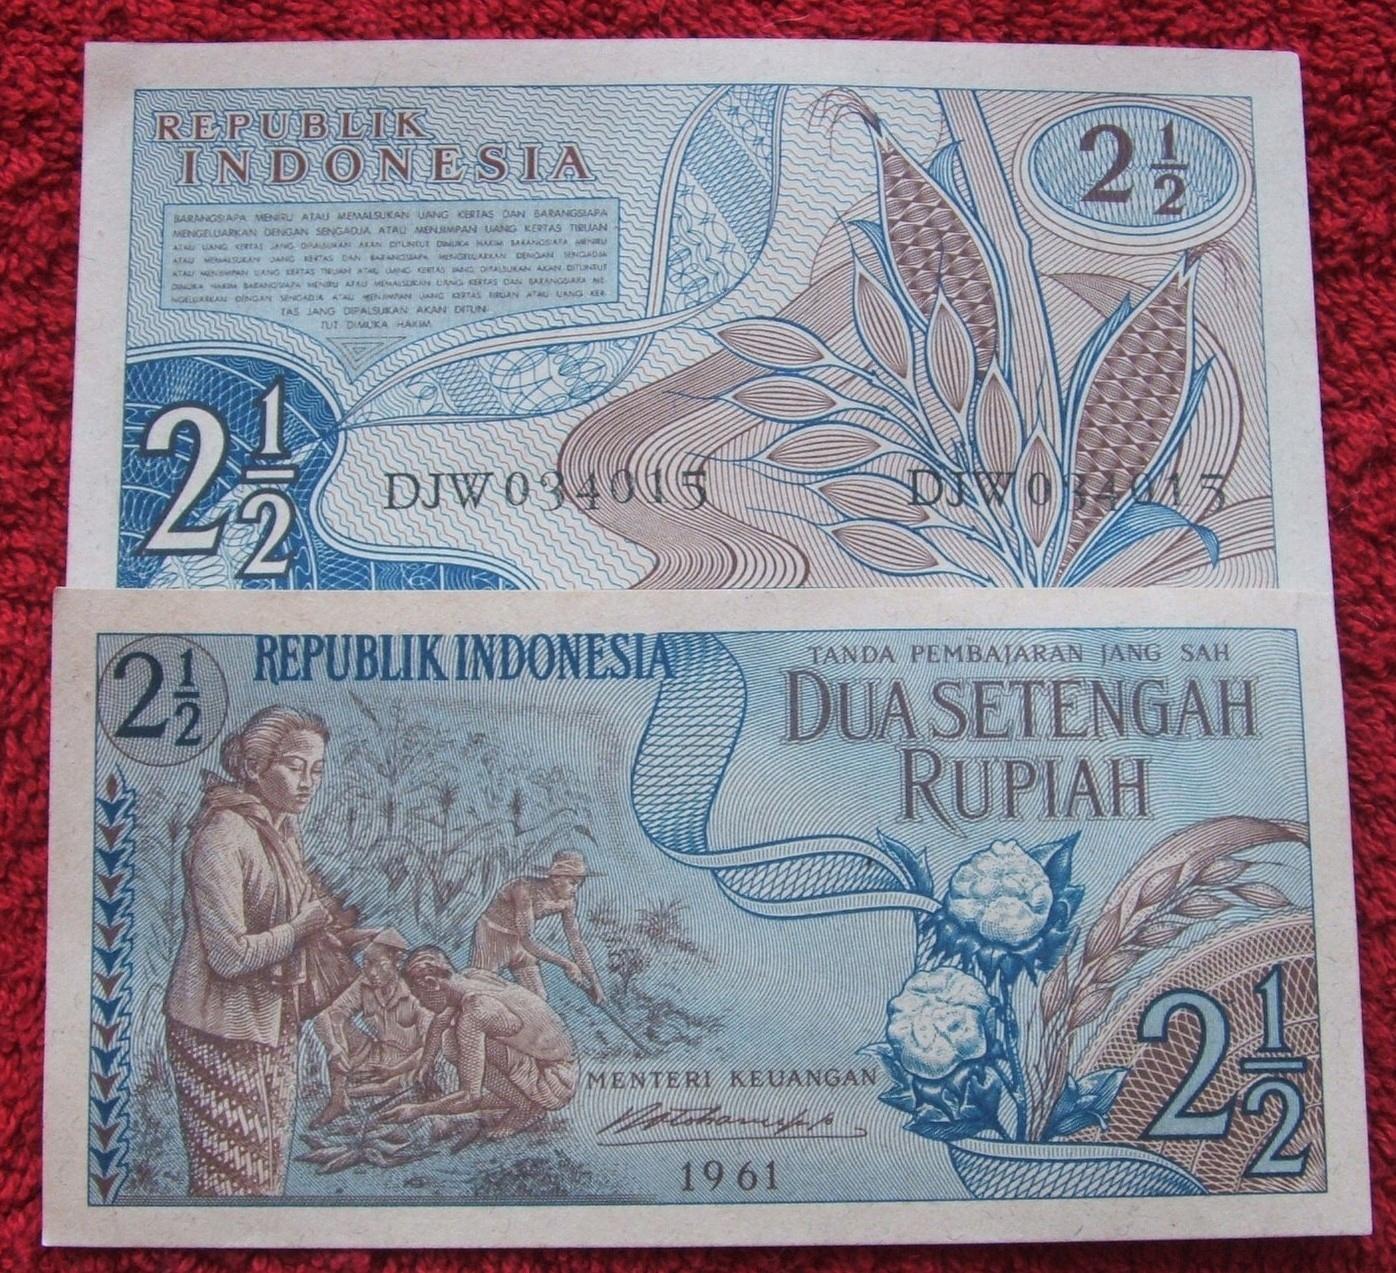 БАНКНОТА ИНДОНЕЗИЯ 2 1 /2 RUPIAH 1961 Год !!! UNC !!